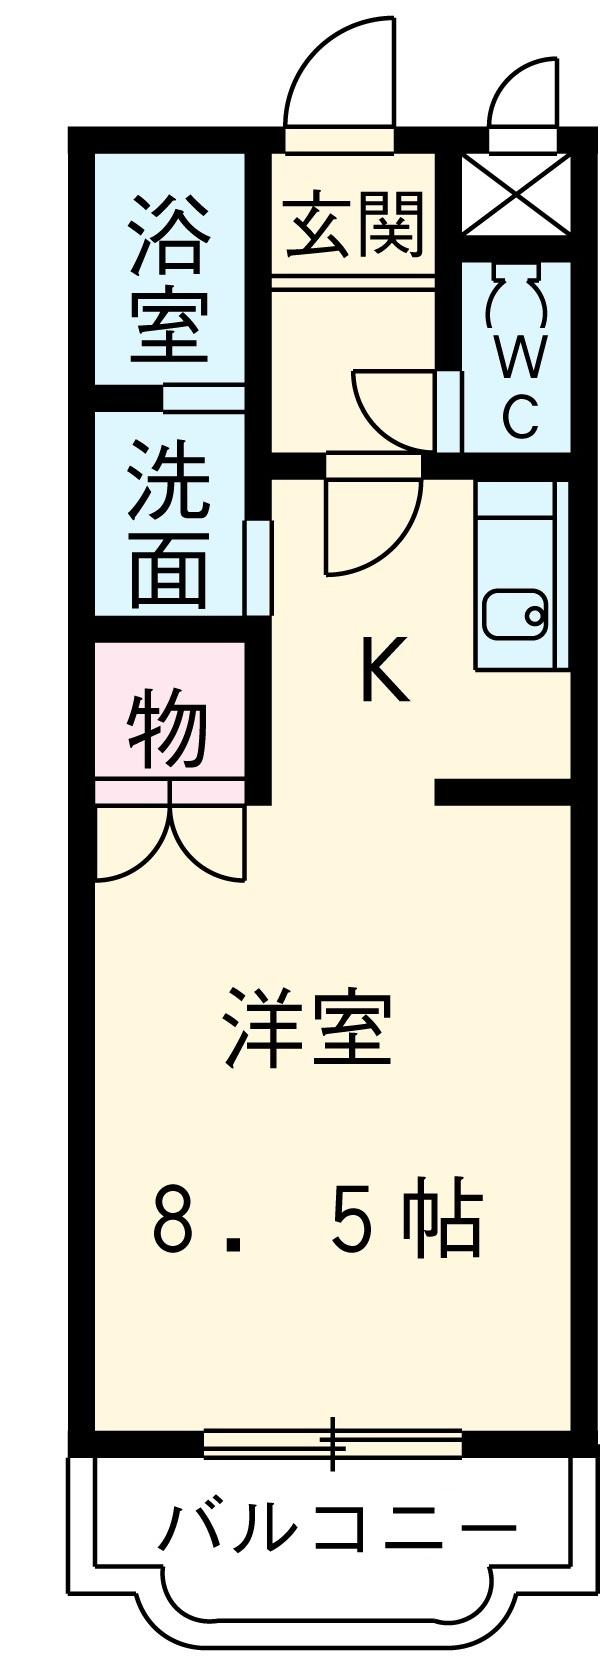 辻マンションB棟・3B号室の間取り